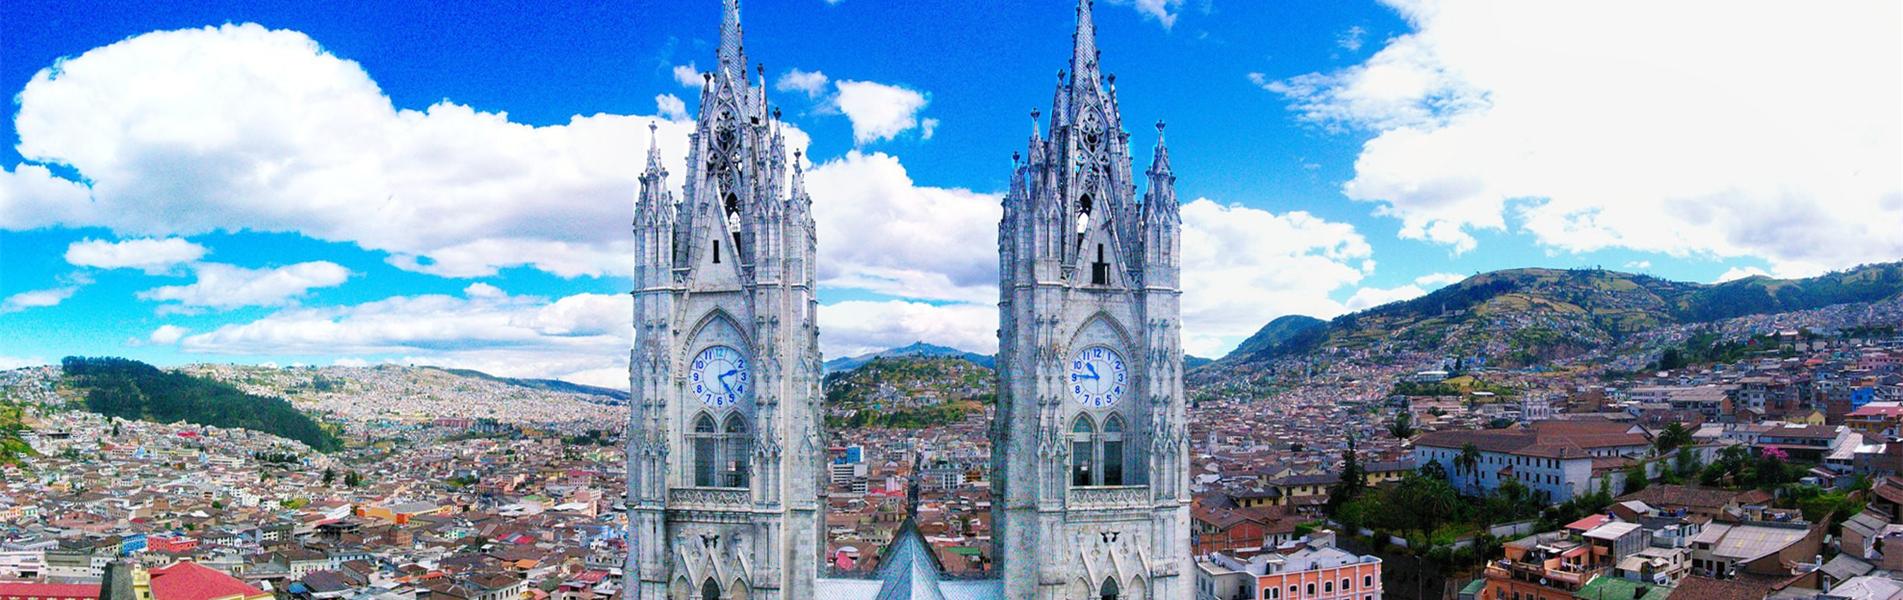 Basilica del Voto Nacional, Ecuador